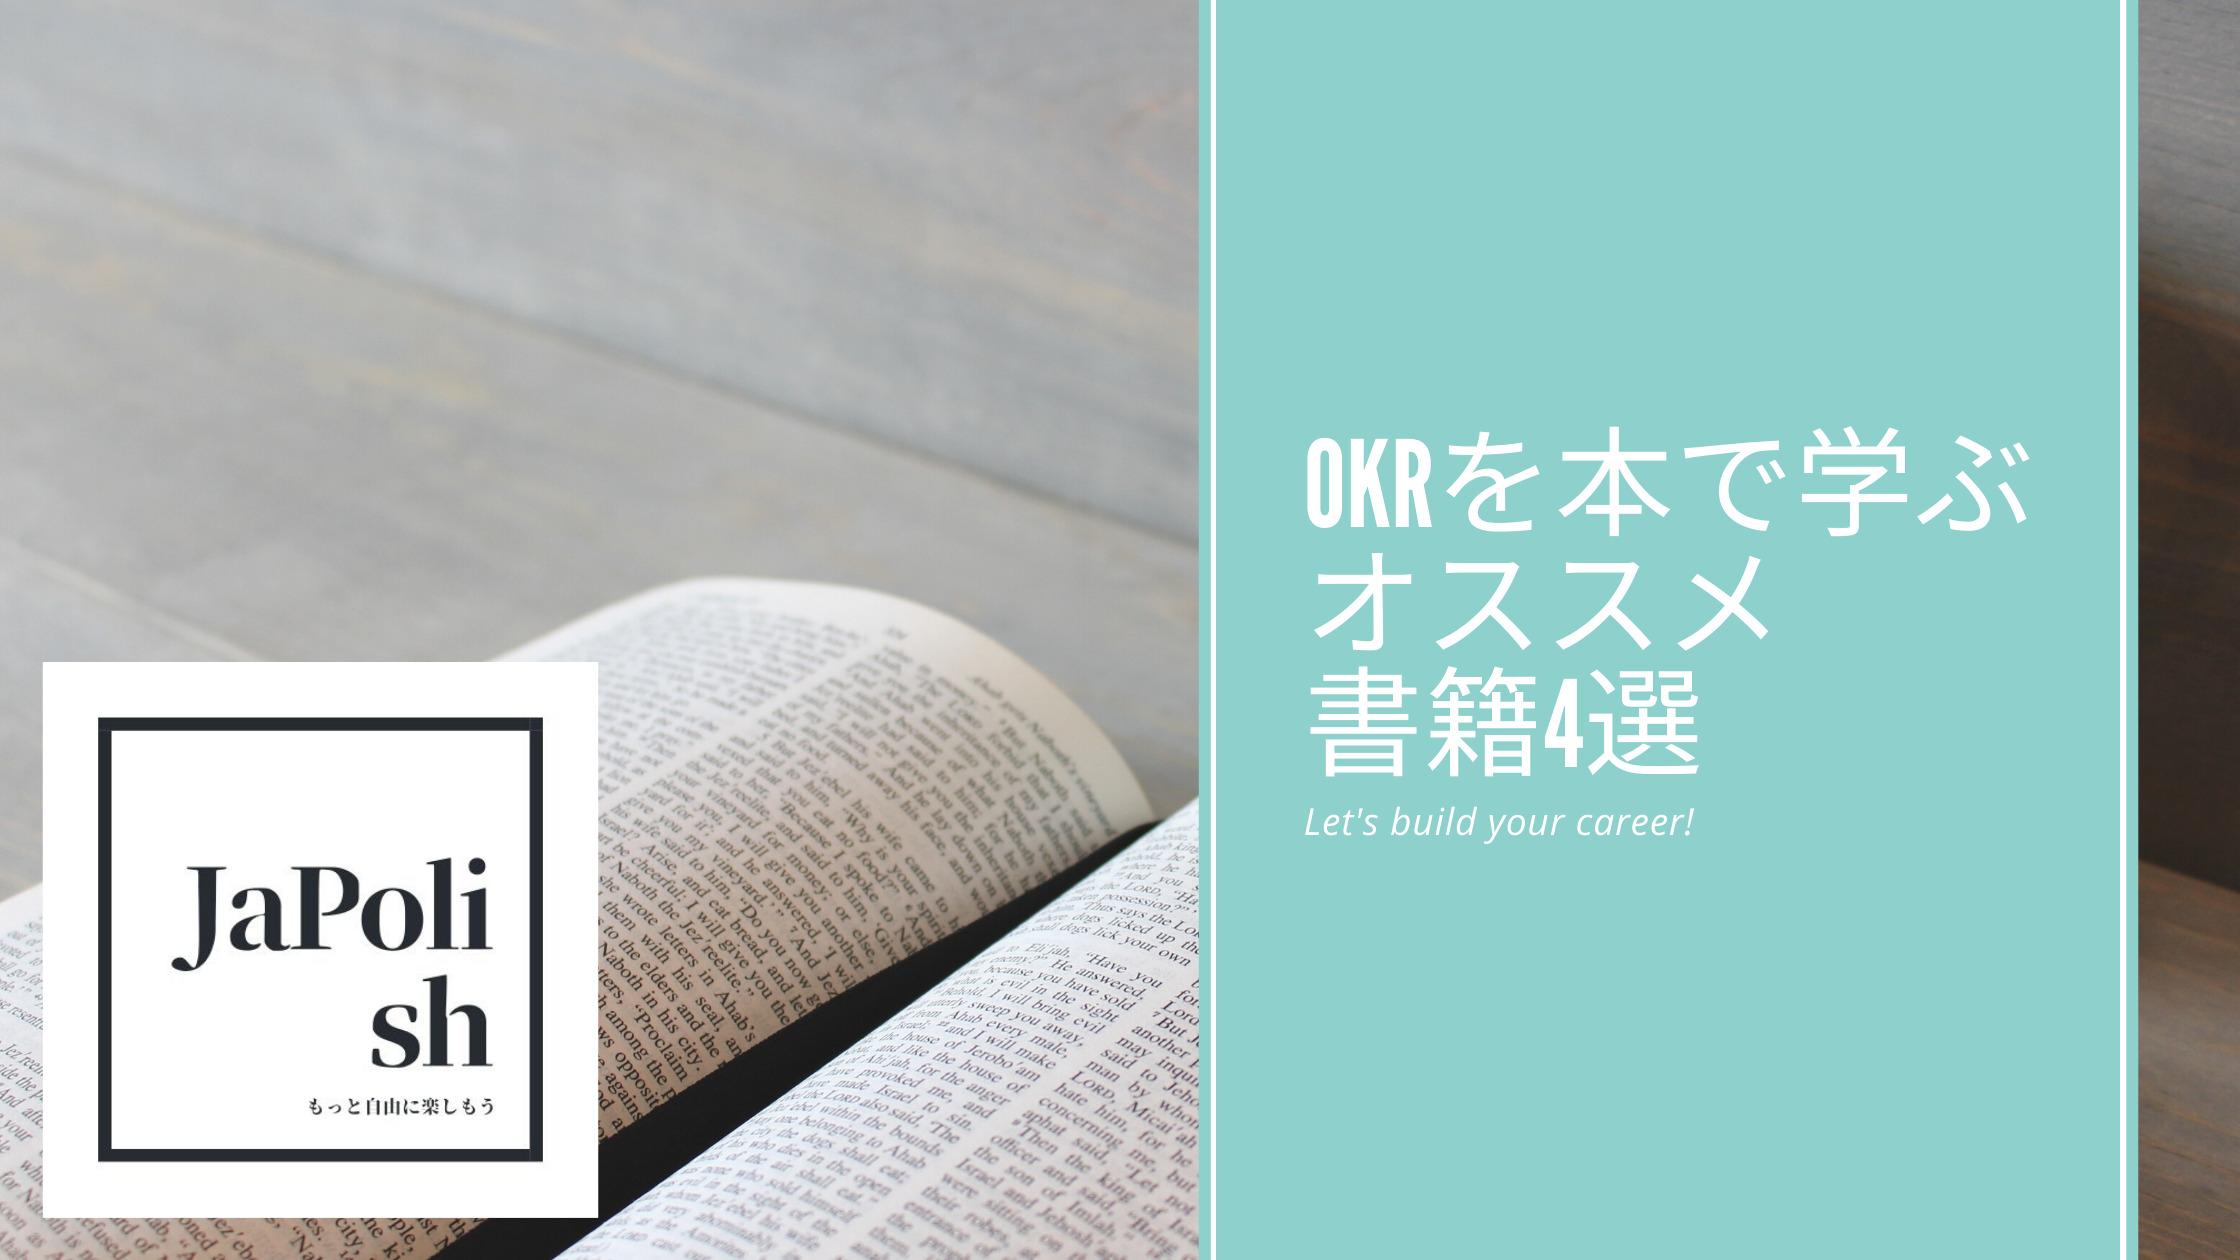 OKRを本で学ぶオススメ書籍4選